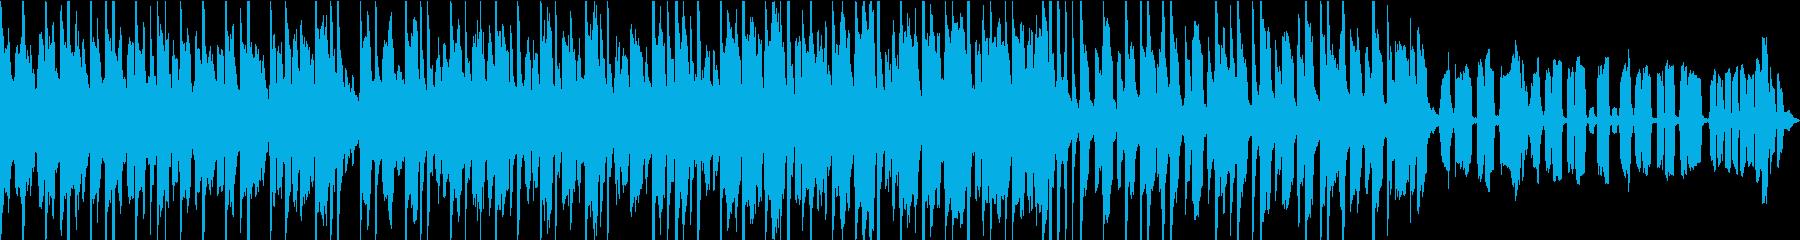 キュートで楽しいレトロなビデオゲー...の再生済みの波形